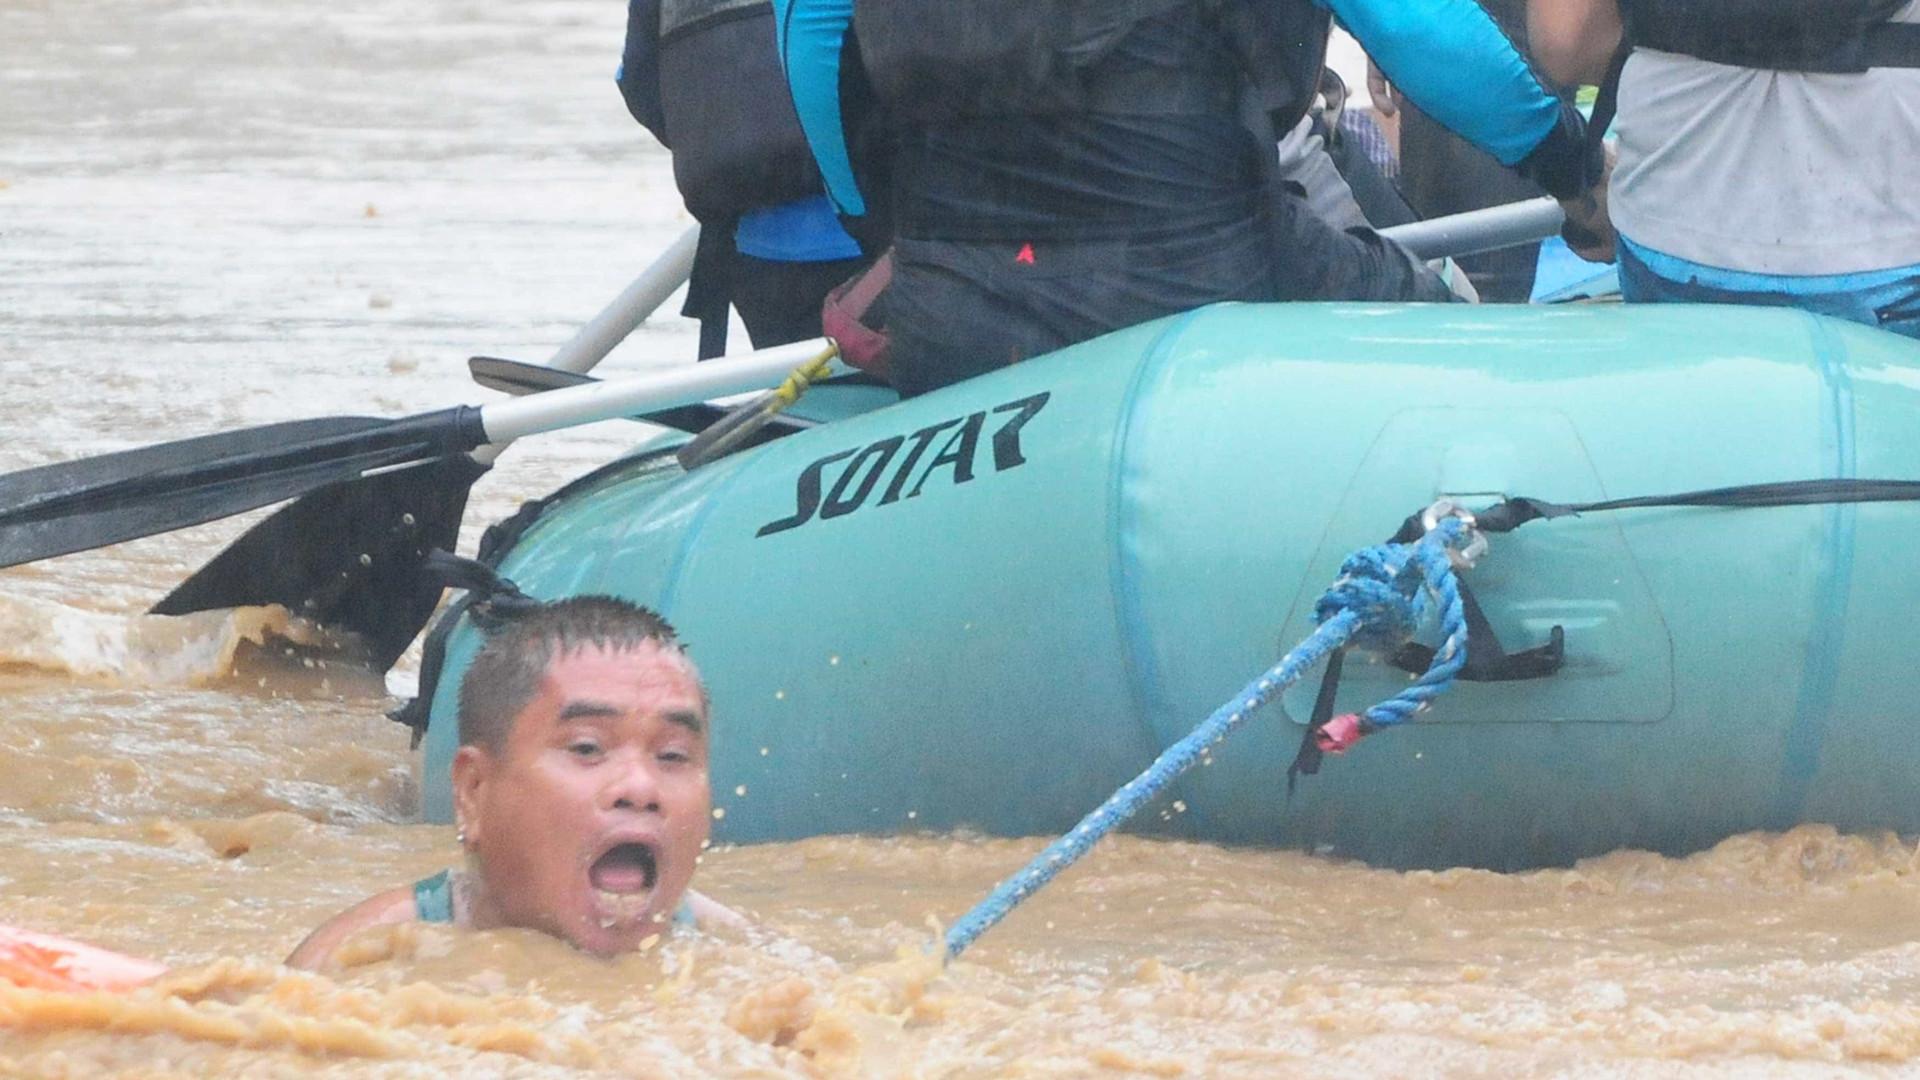 Imagens mostram luta nas Filipinas para sobreviver a tempestade